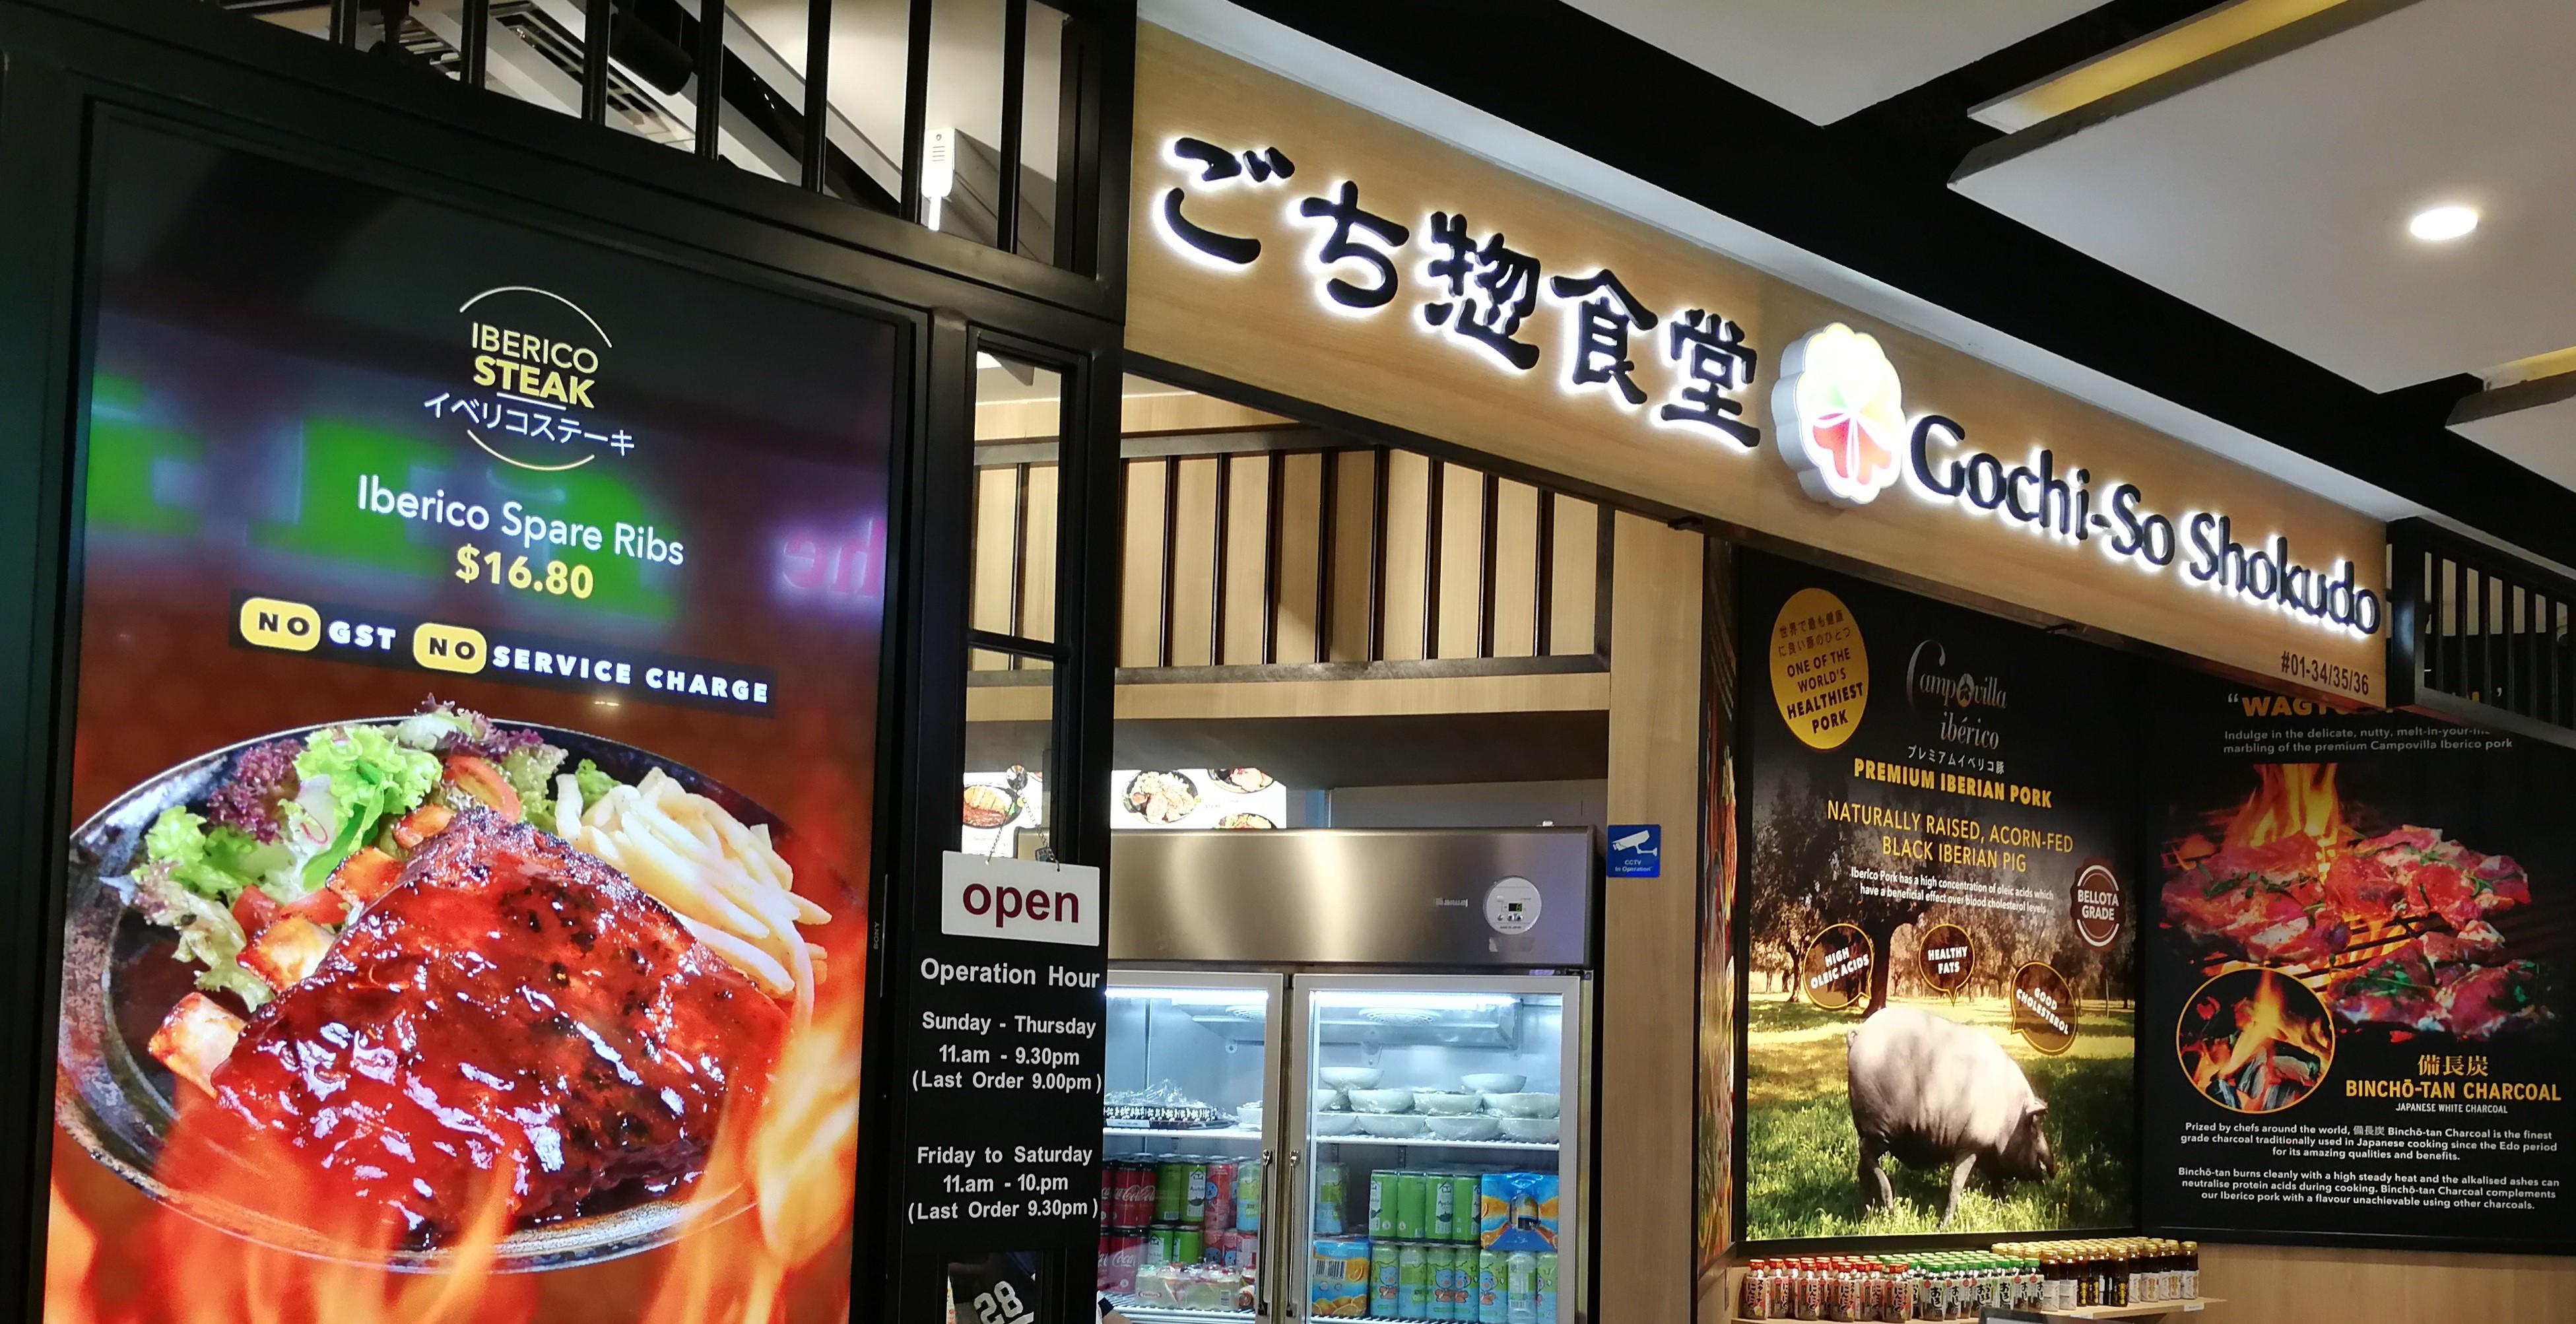 Gochi-so Shokudo review - foodbuilicious